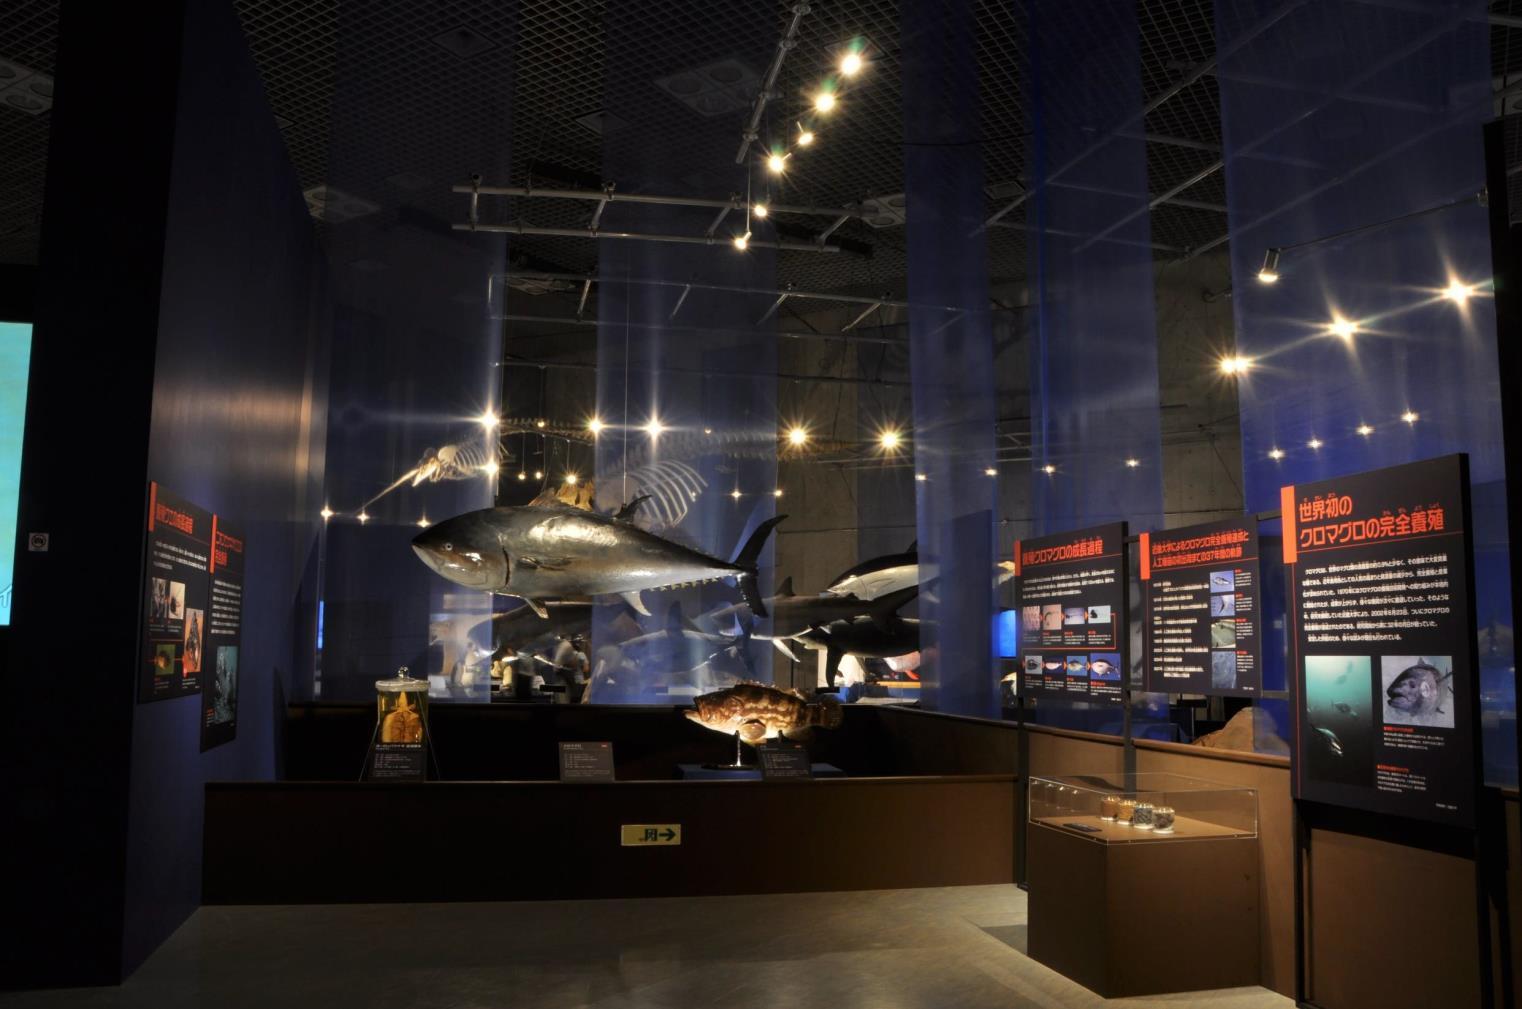 水産研究所教授の家戸敬太郎が特別講演 東京・国立科学博物館で開催中「海のハンター展」 人気イベントで、近大マグロ誕生秘話を語る